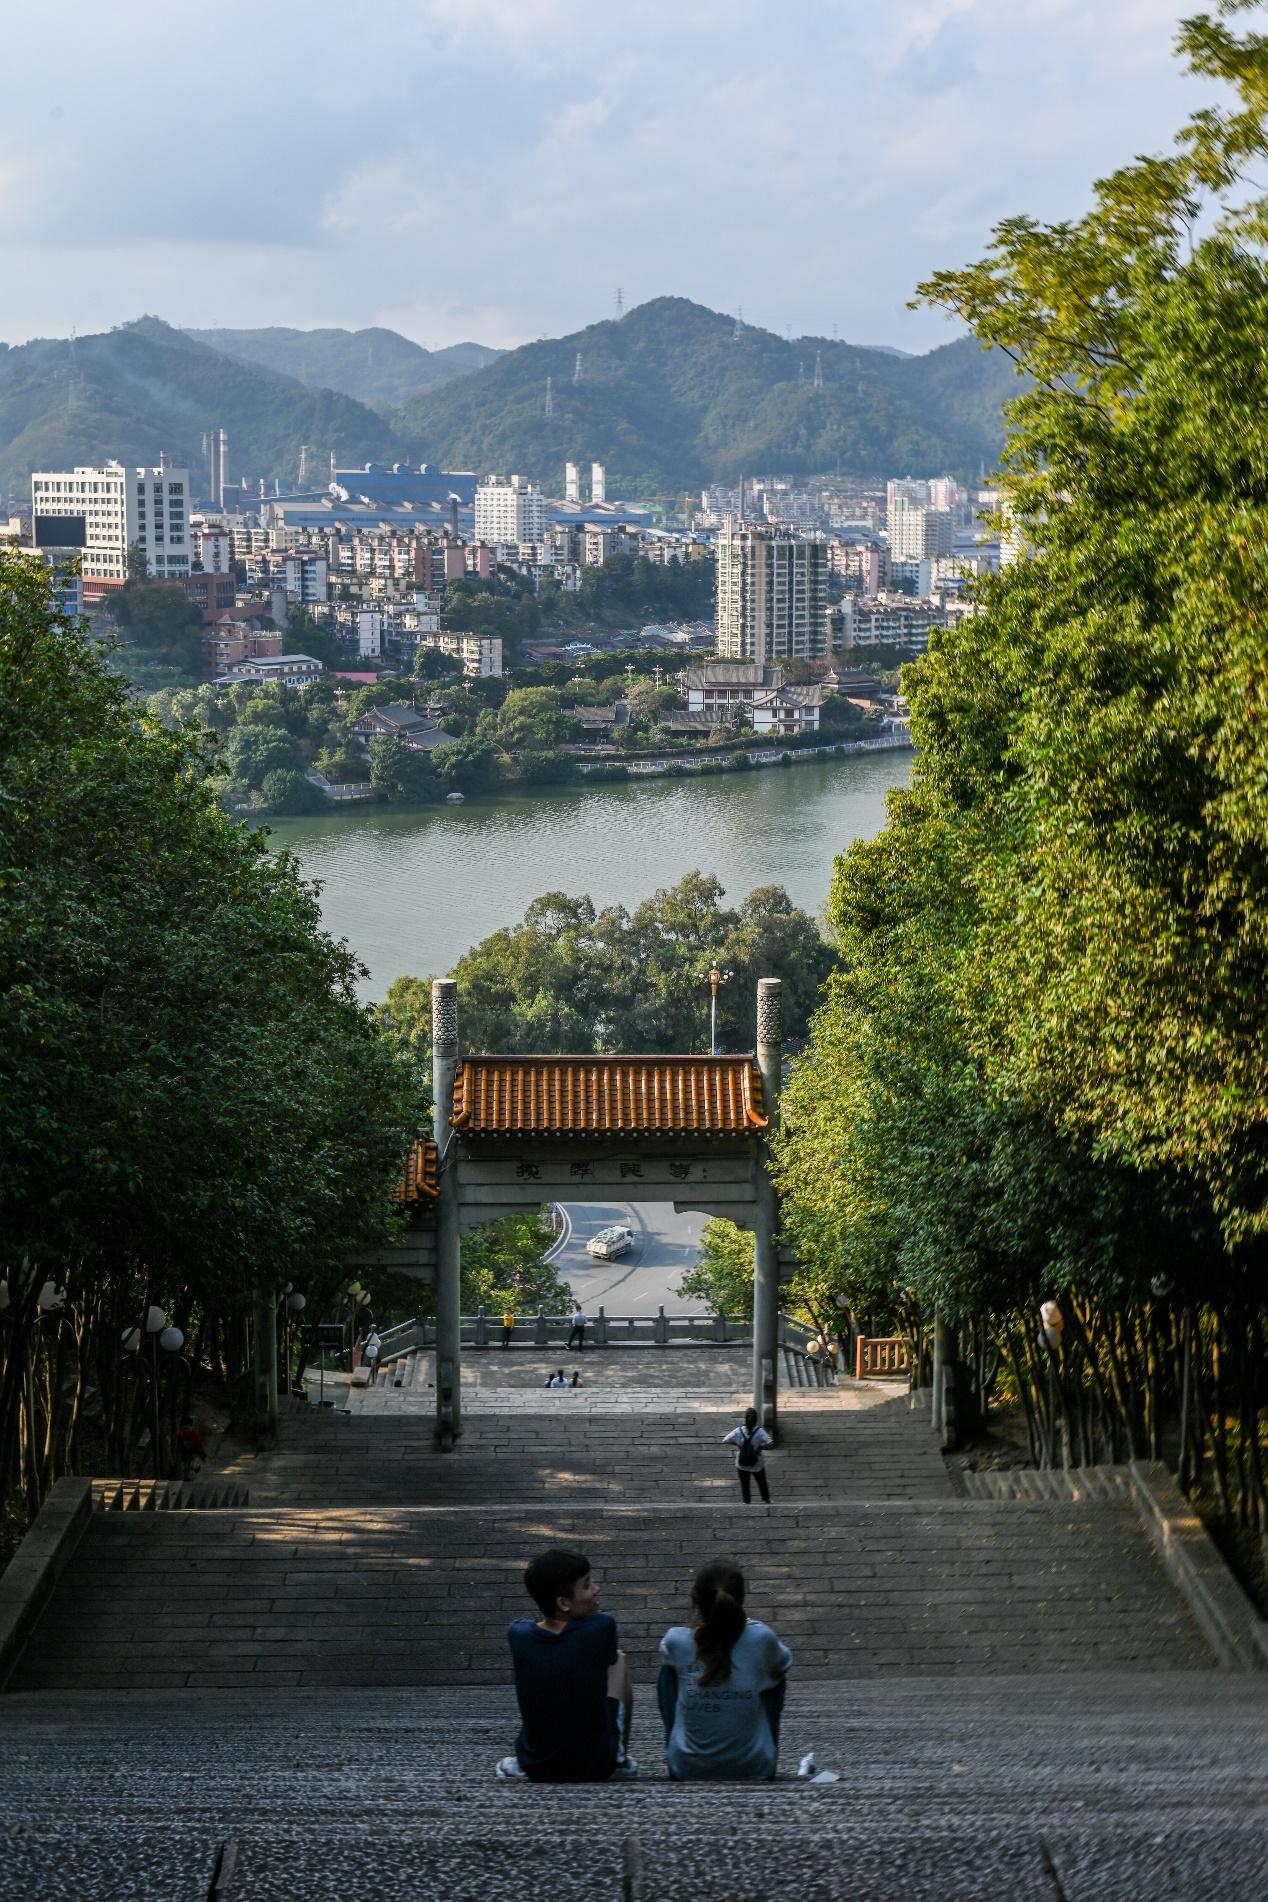 2020年11月22日,三明市麒麟山公园,市民坐在台阶上休息。